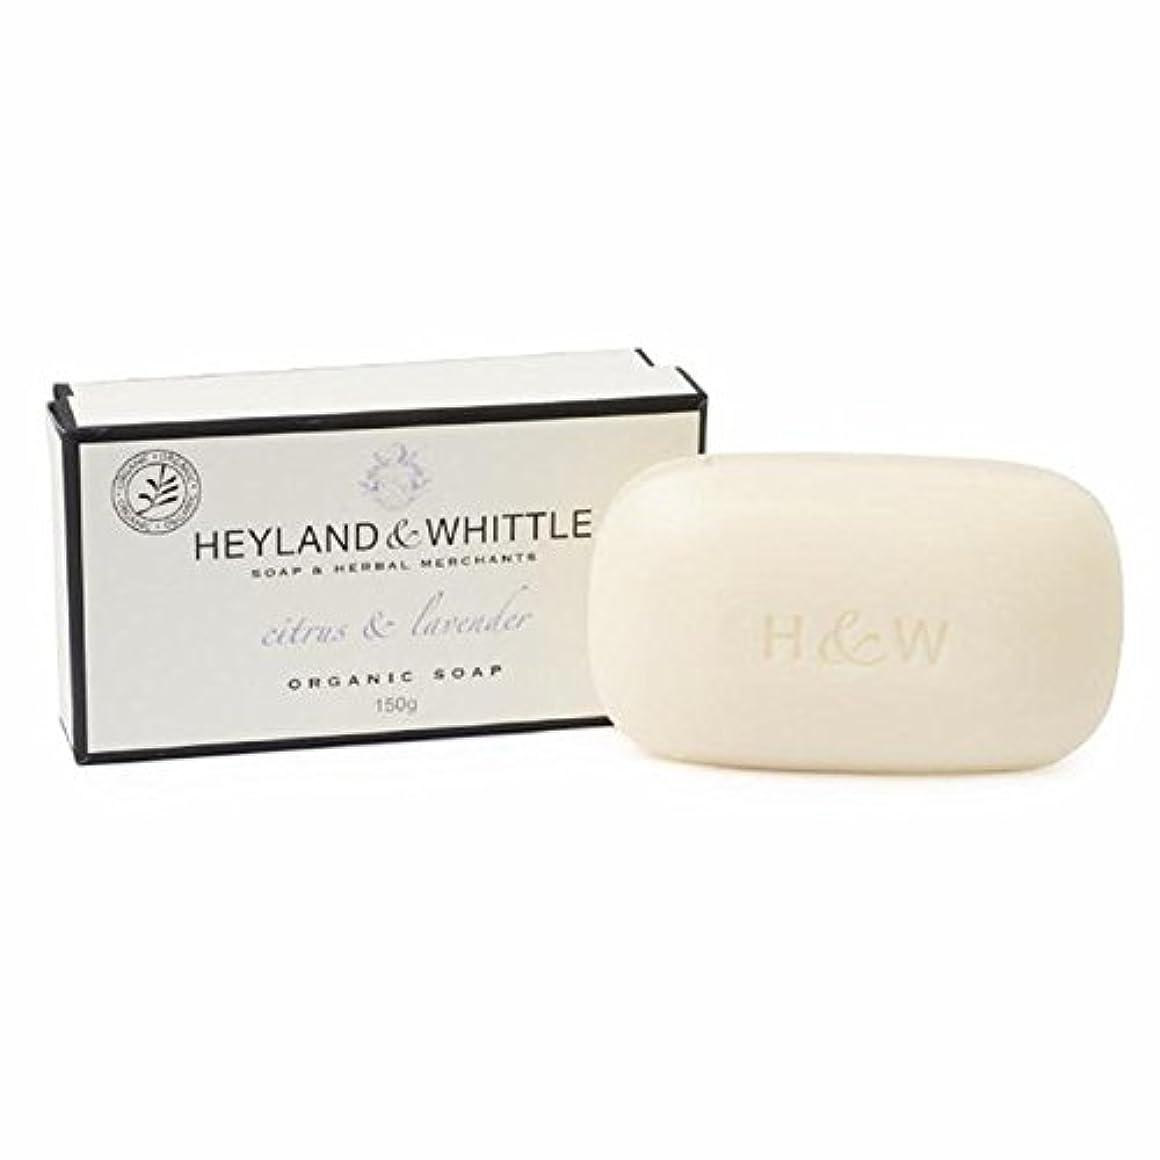 言い訳才能のあるエゴイズム&削るシトラス&ラベンダーは、有機石鹸150グラム箱入り x4 - Heyland & Whittle Citrus & Lavender Boxed Organic Soap 150g (Pack of 4) [並行輸入品]